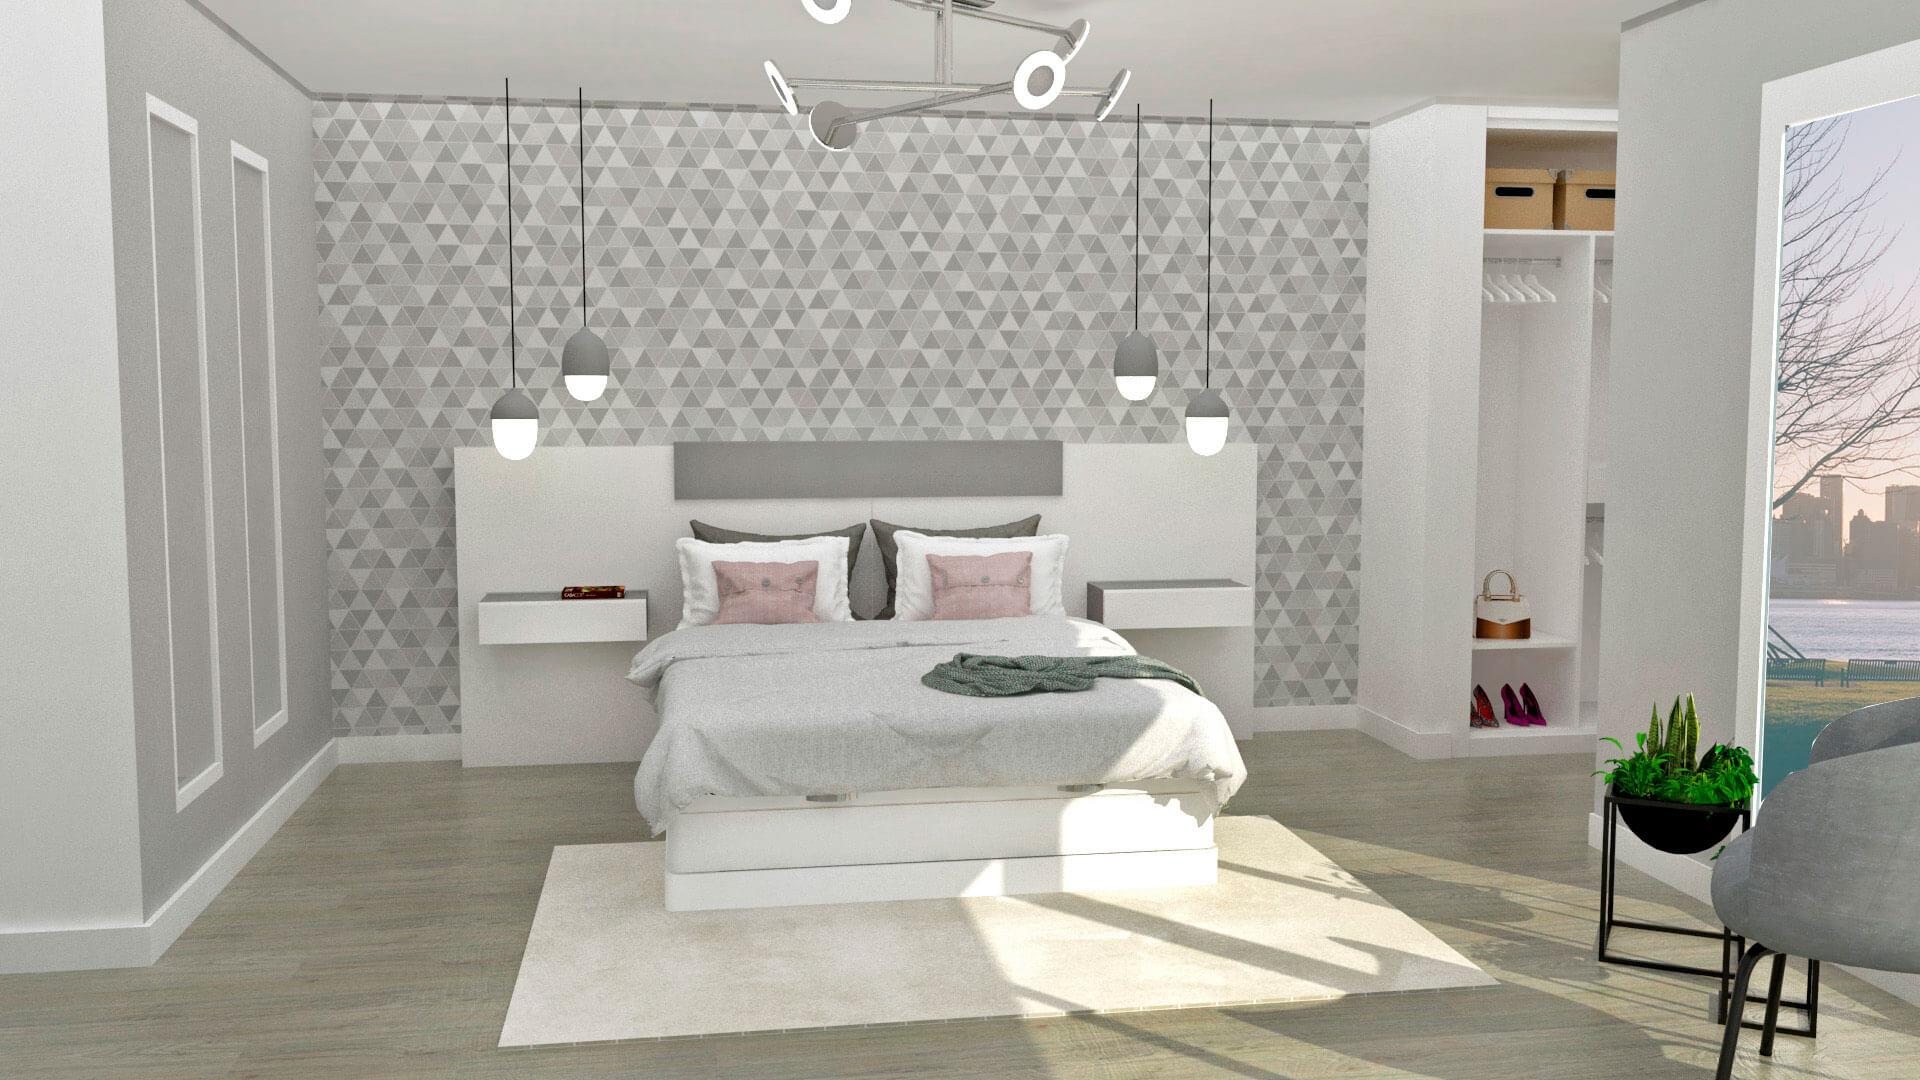 Diseño Dormitorio Muebles Tante 3